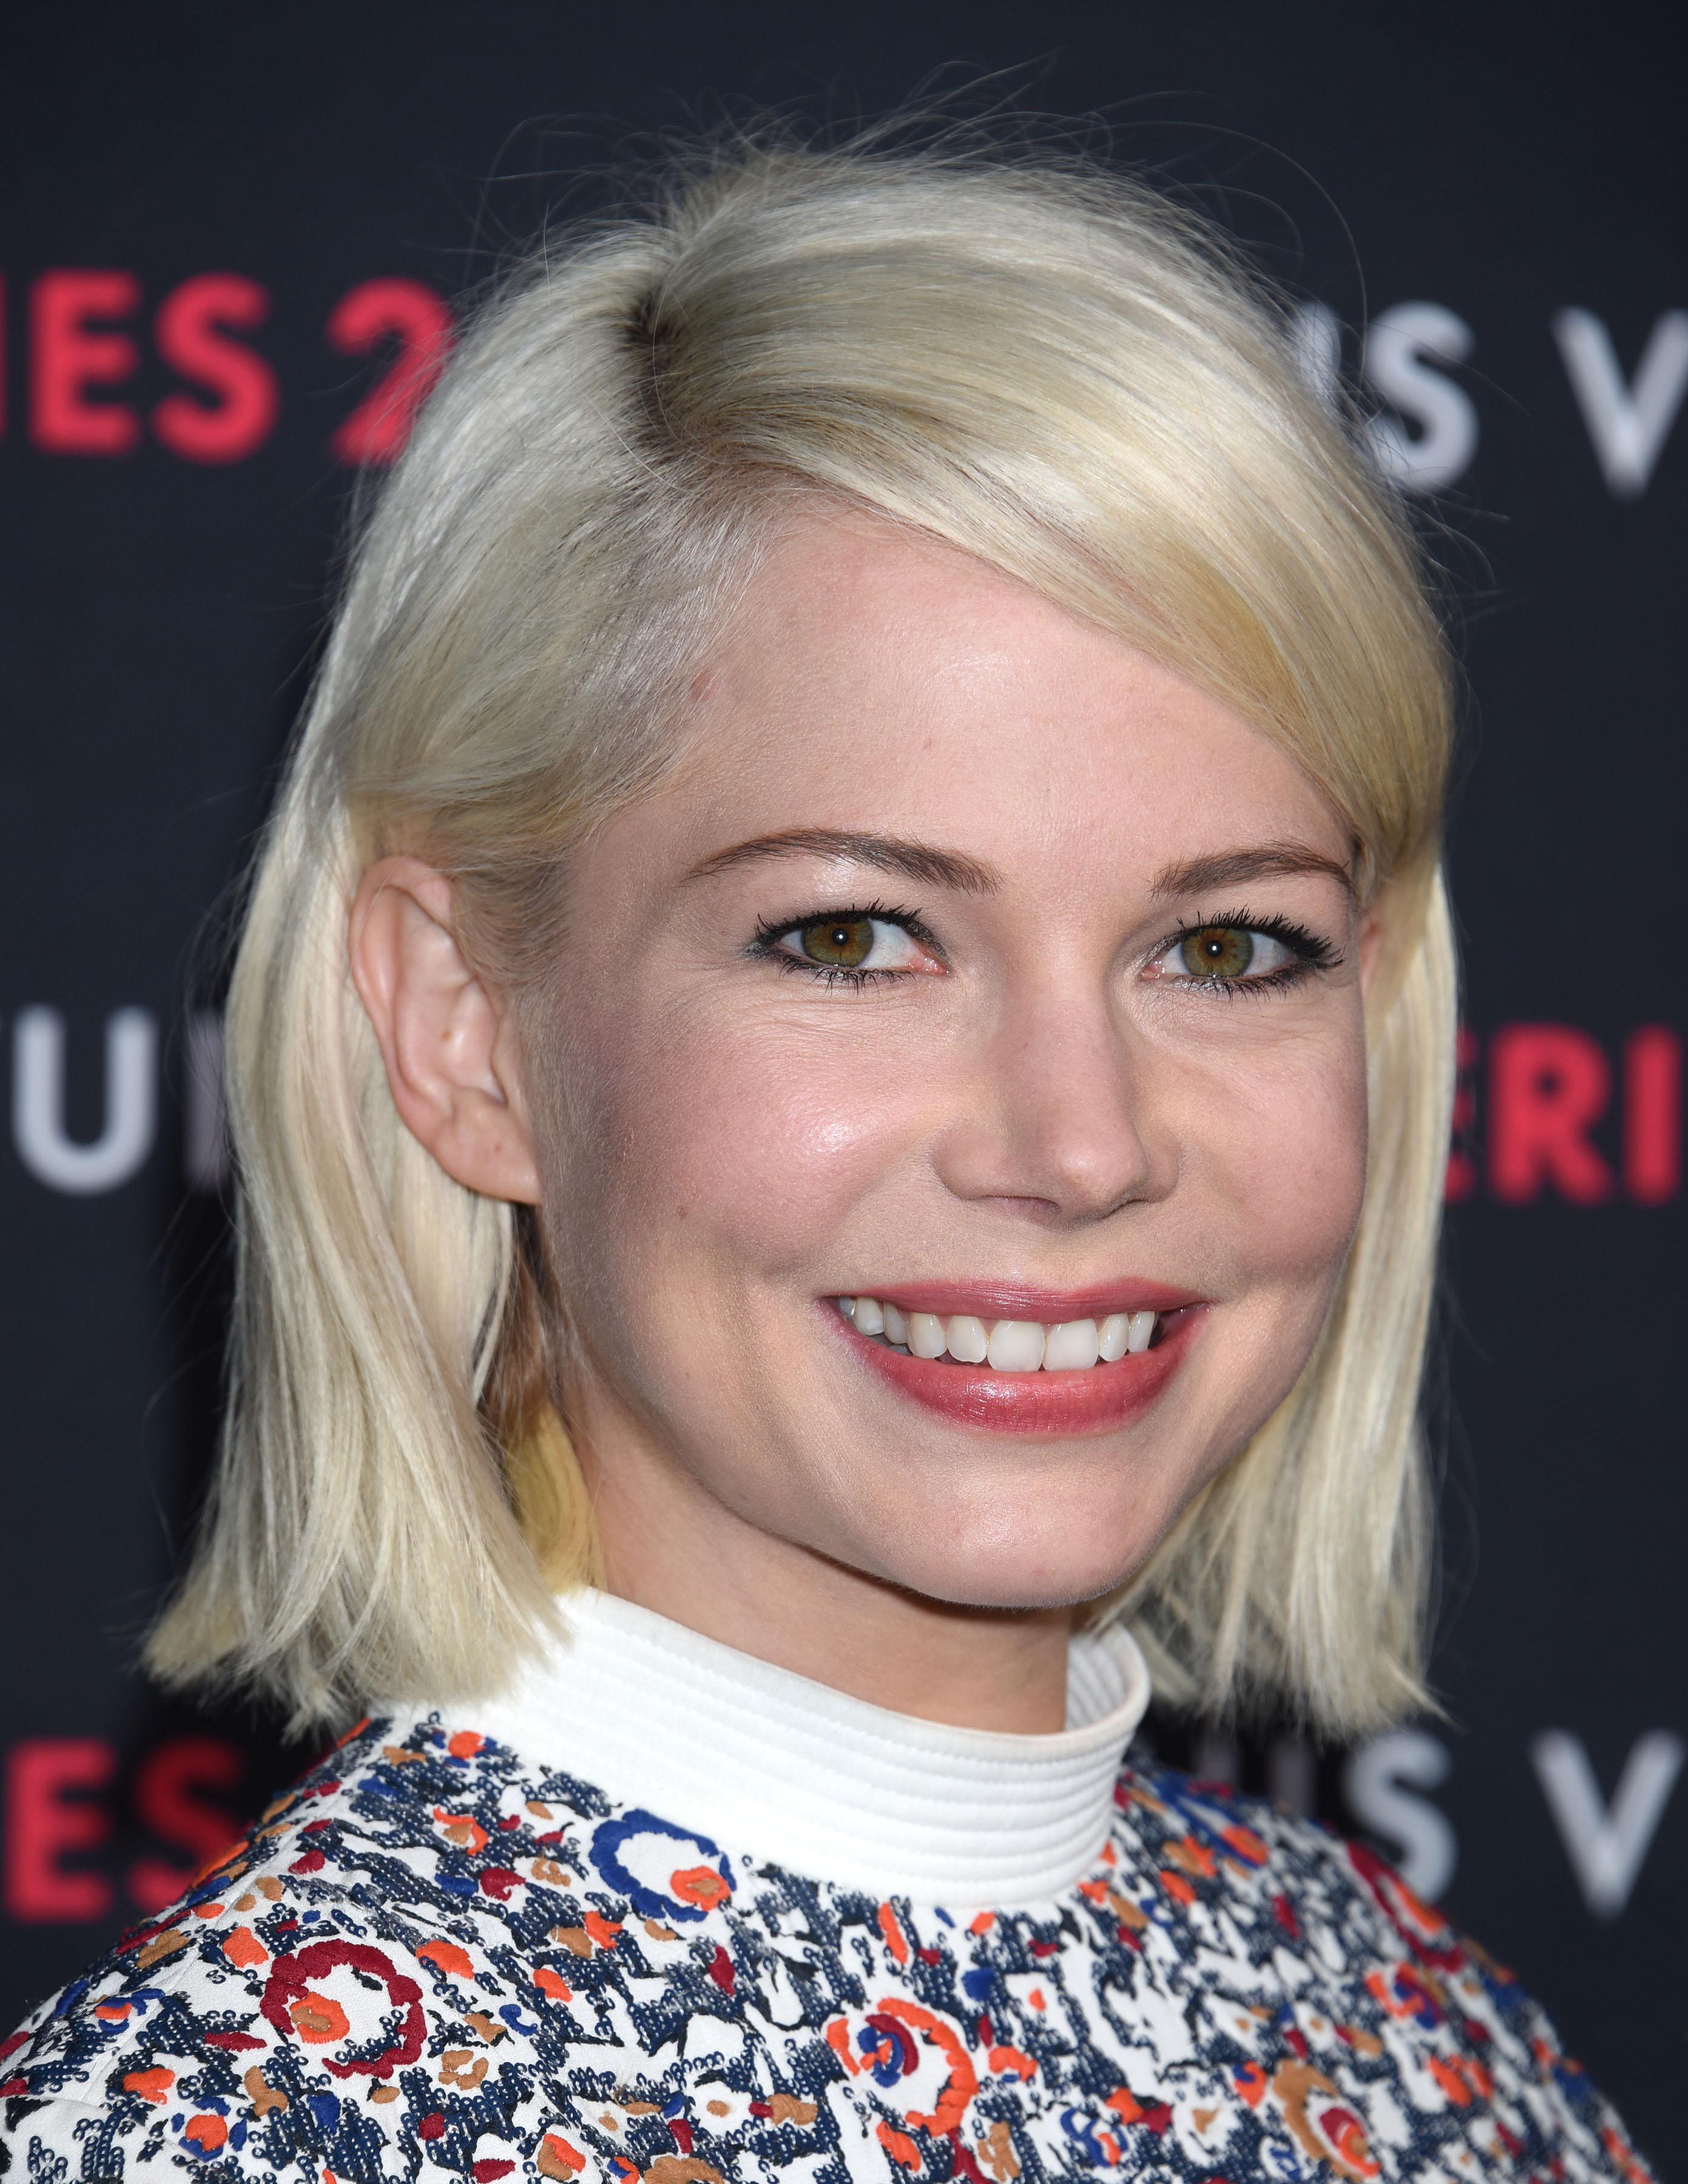 le blond platine de michelle williams 30 stars blondes qui illuminent le tapis rouge elle. Black Bedroom Furniture Sets. Home Design Ideas